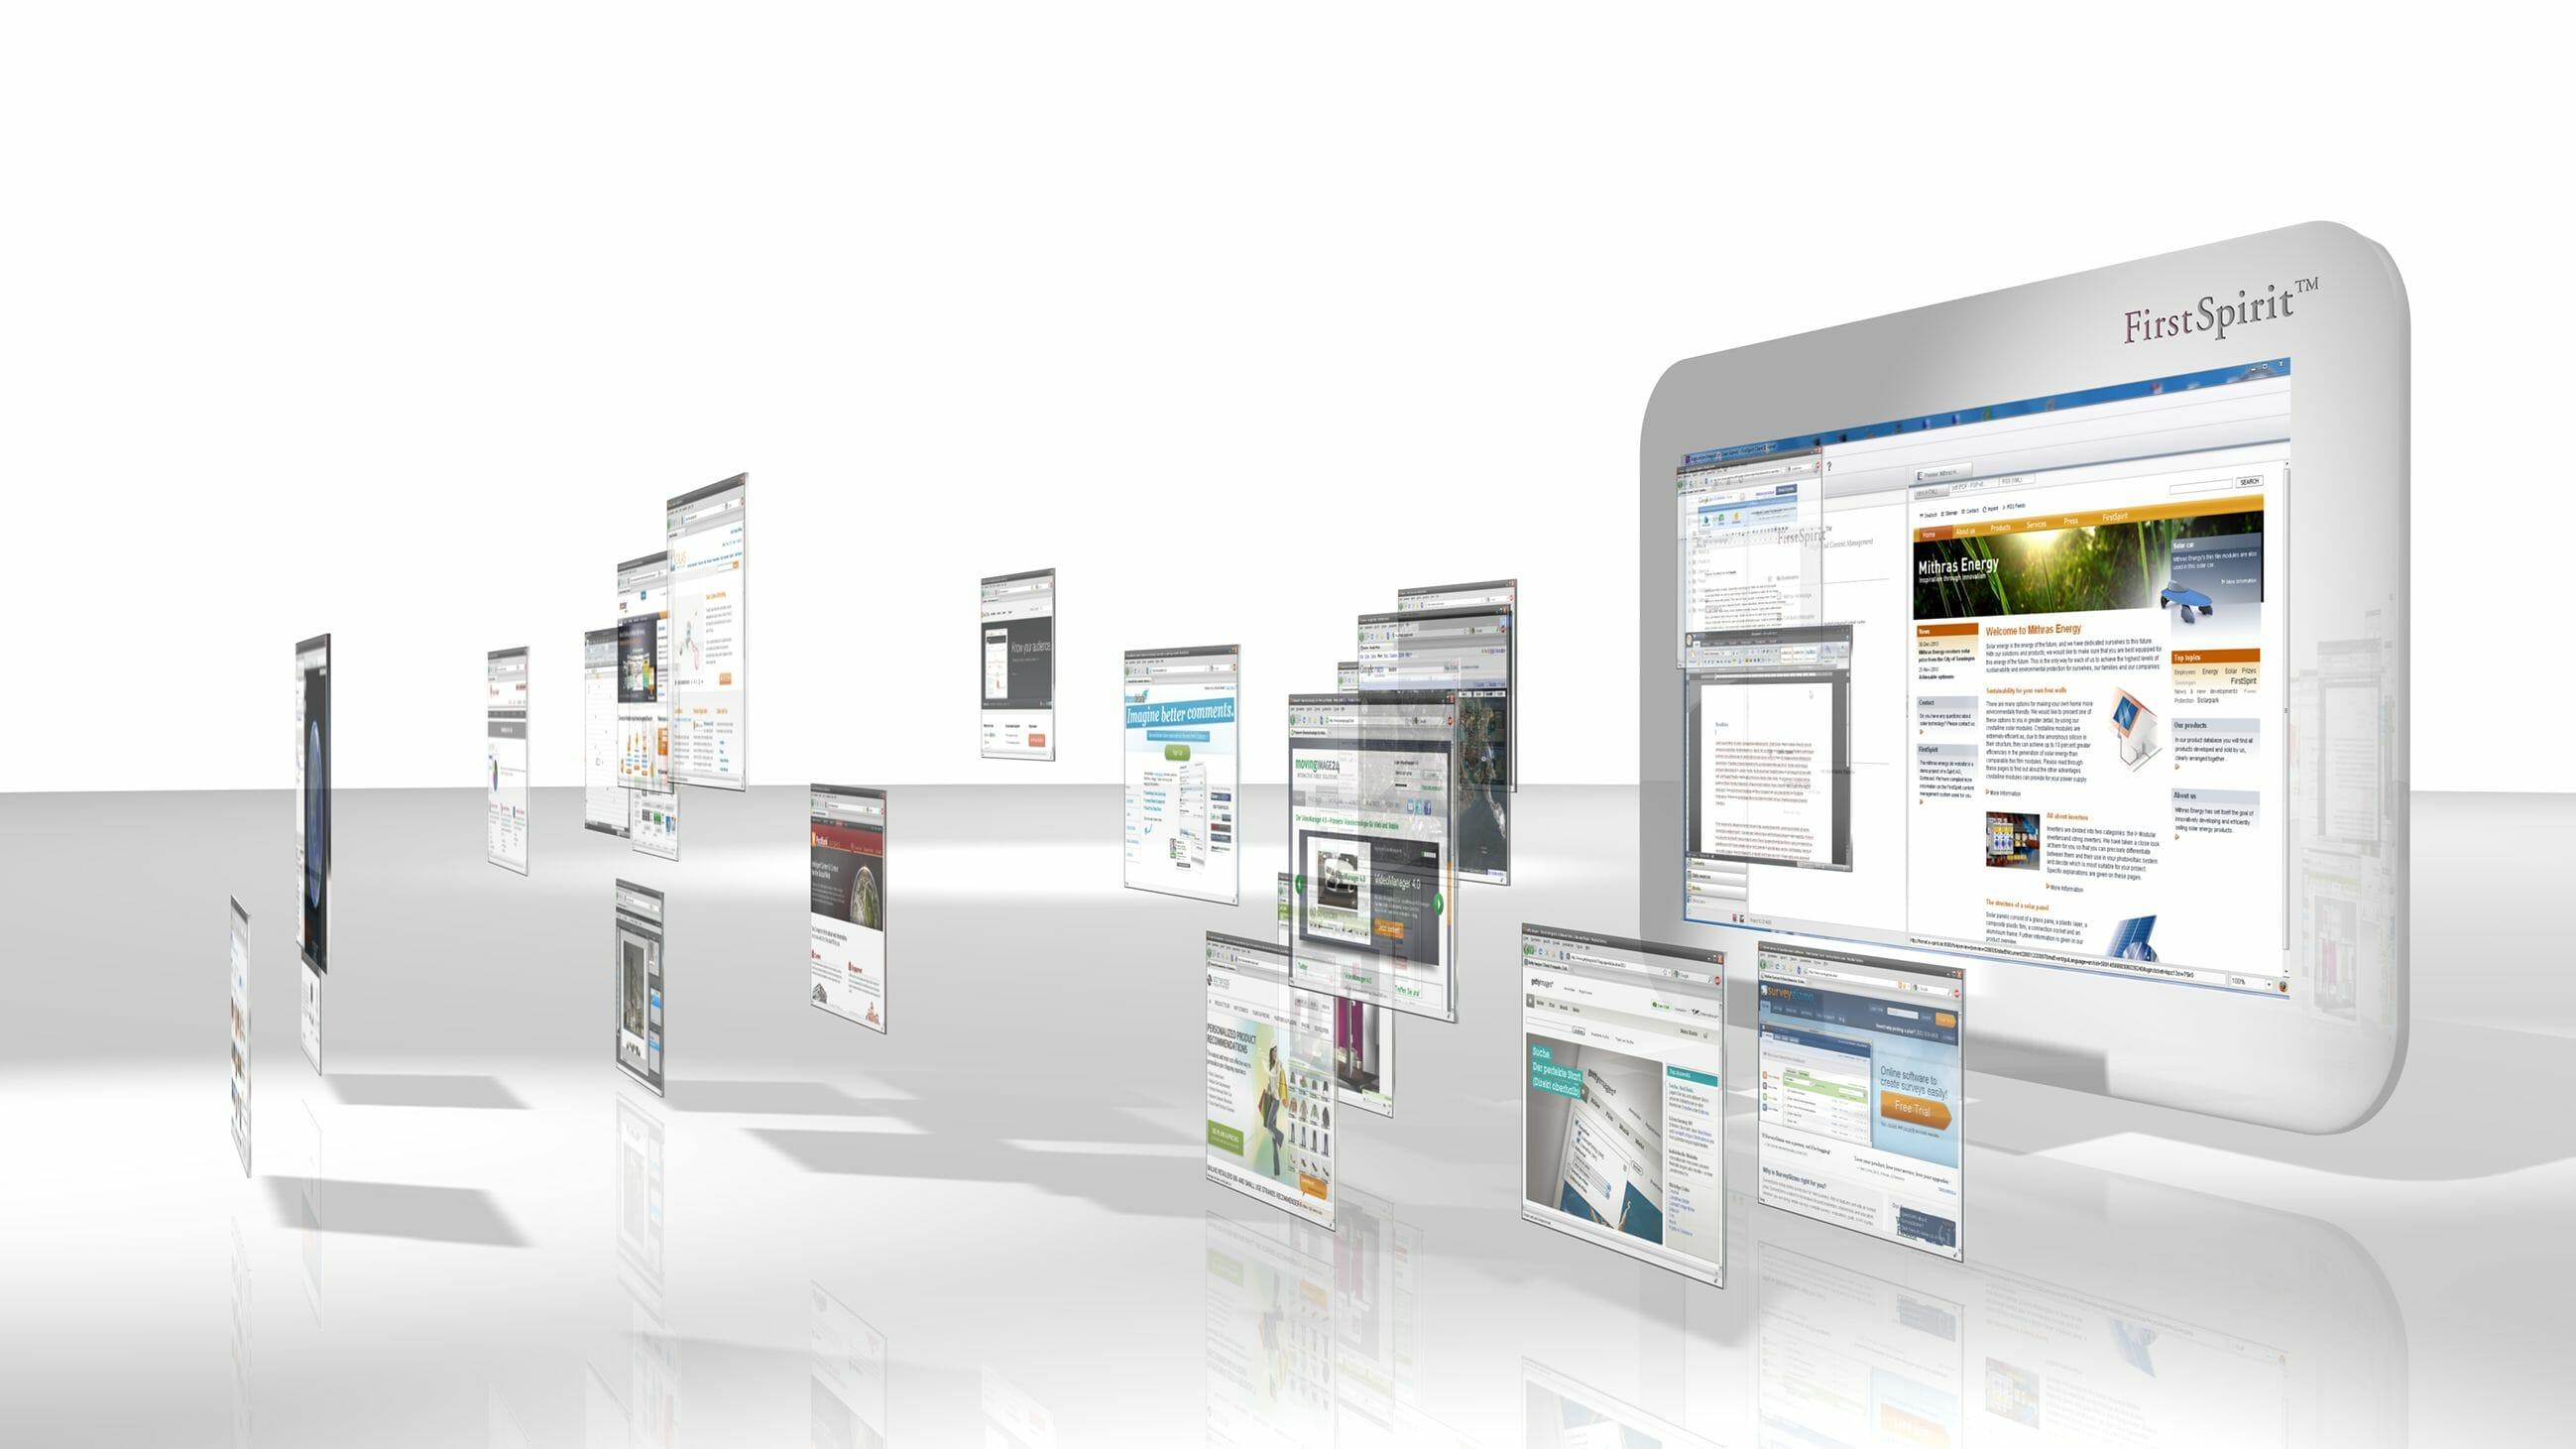 Auch für künftige Innovationen hält die AppCenter-Technologie alle Möglichkeiten bereit: Zusätzliche oder neu entwickelte (Web-)Anwendungen können problemlos eingebunden werden.